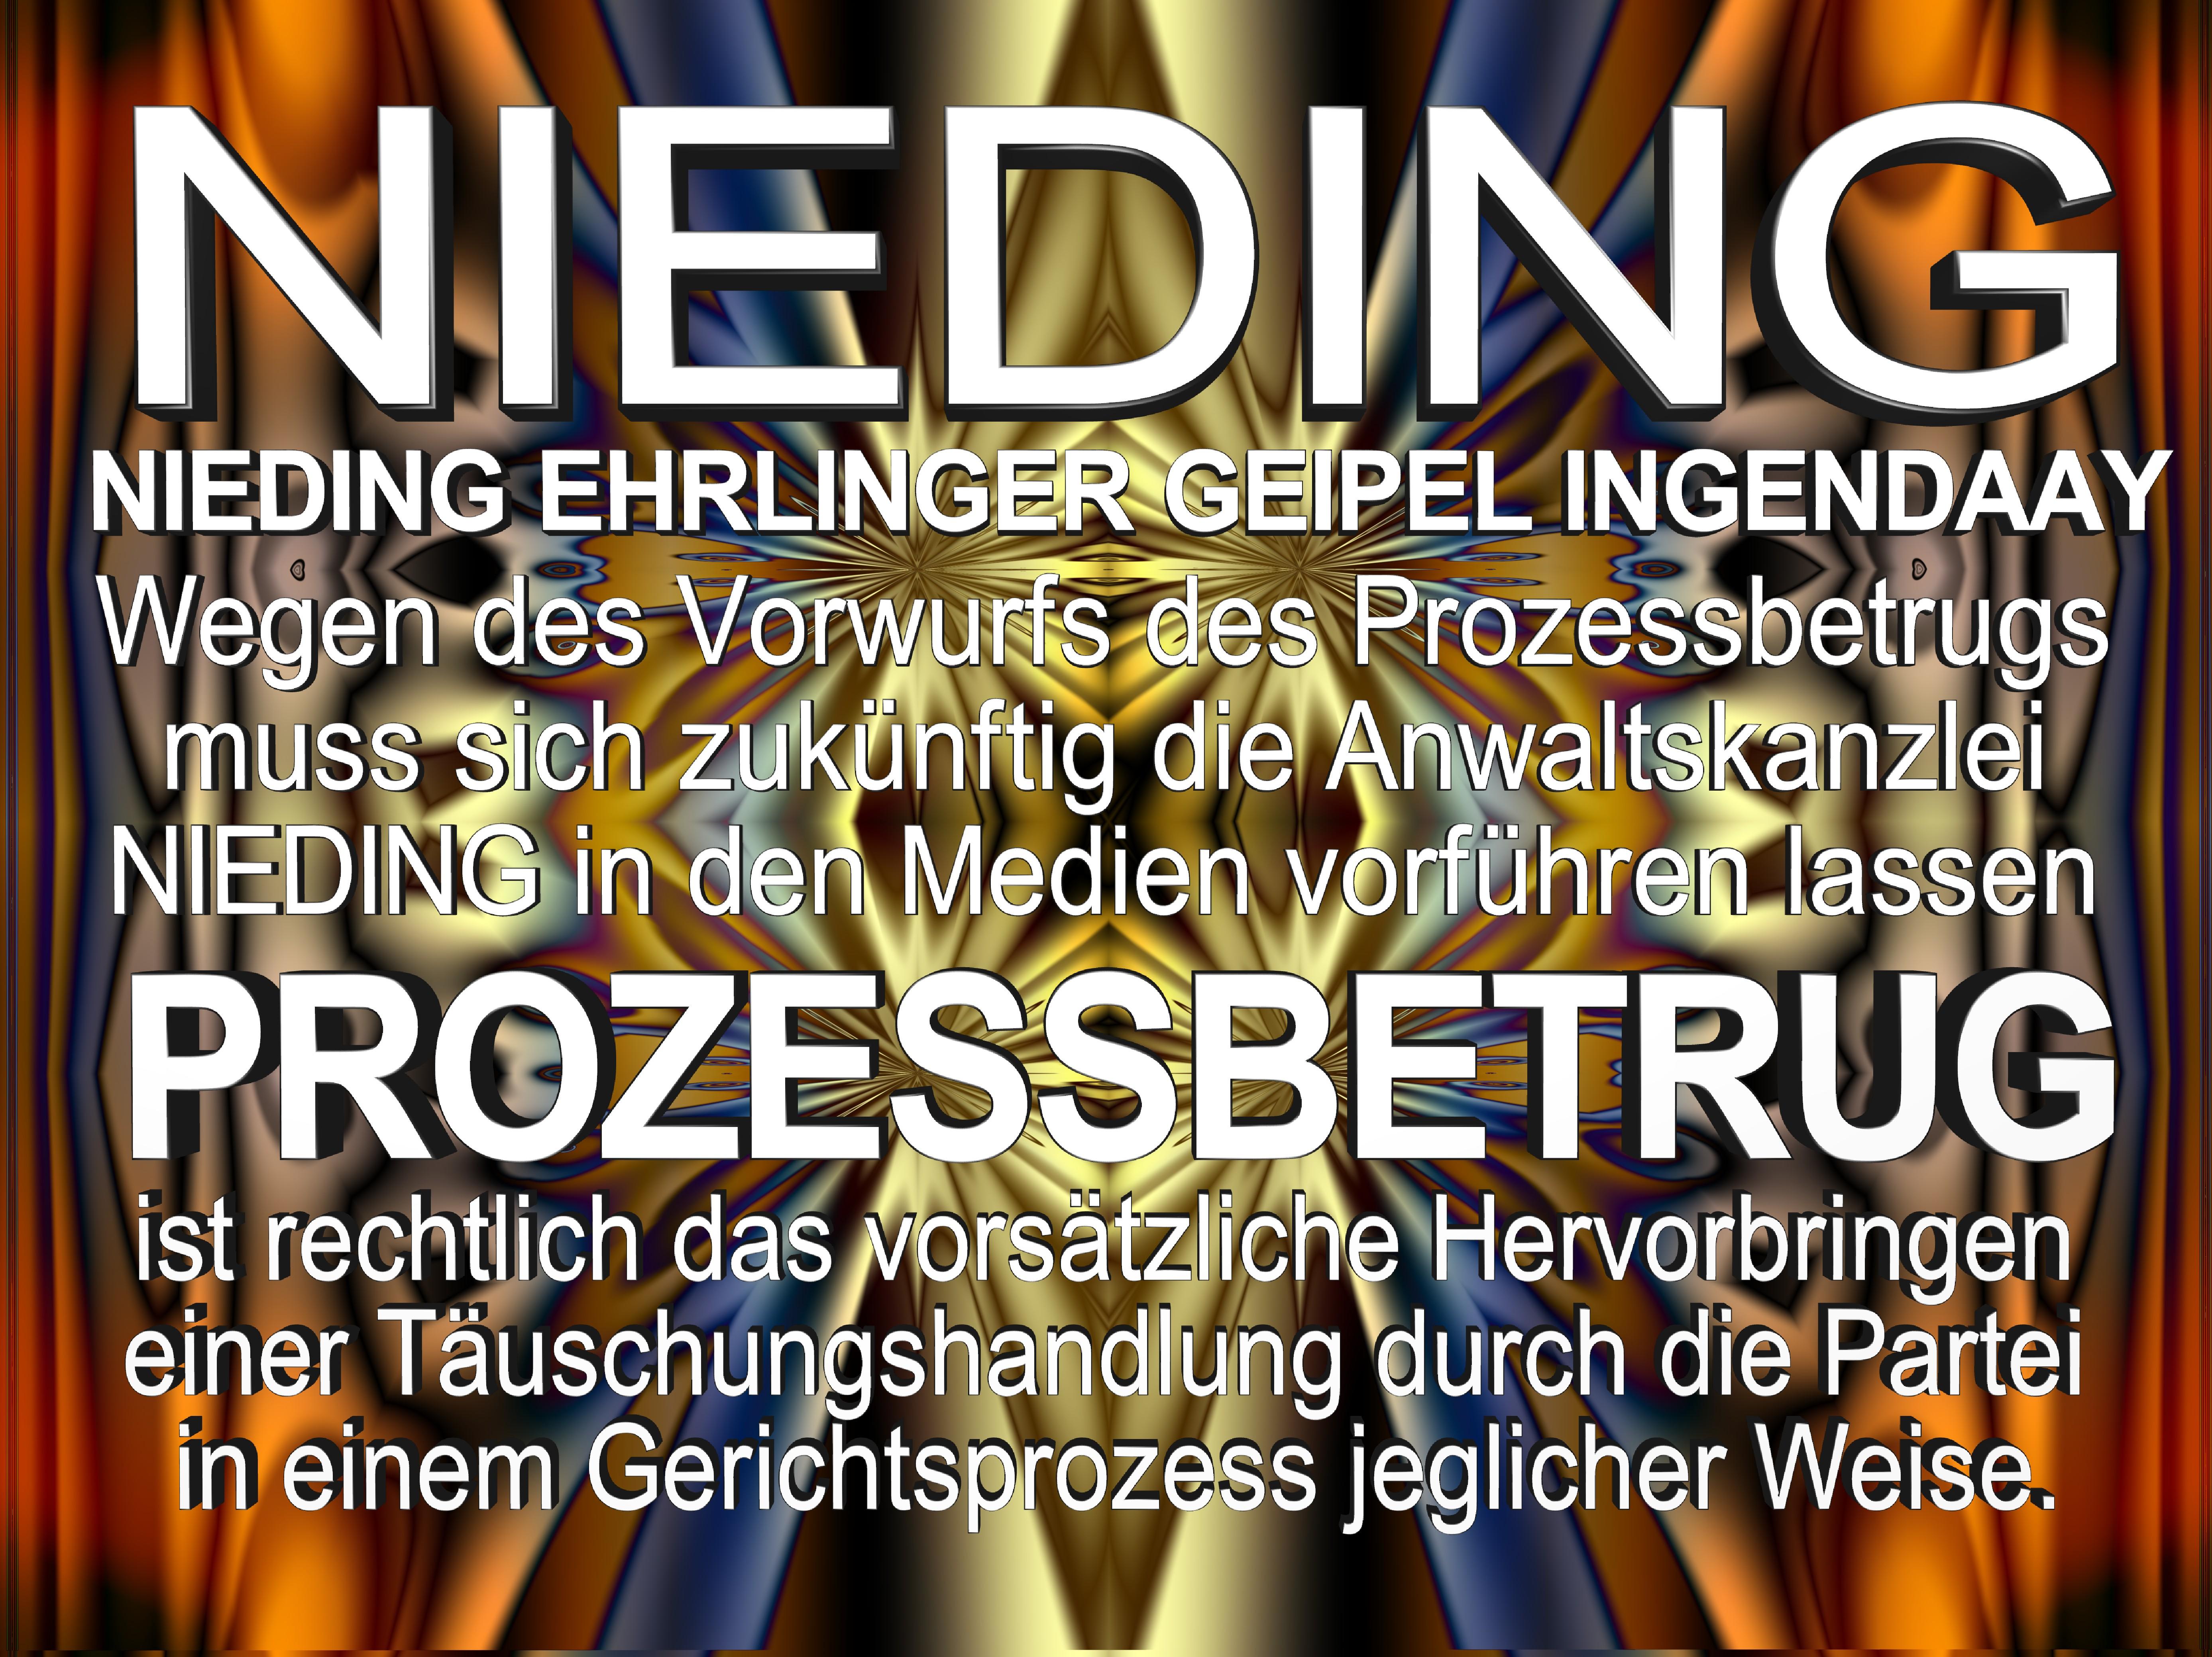 NIEDING EHRLINGER GEIPEL INGENDAAY LELKE Kurfürstendamm 66 Berlin (189)